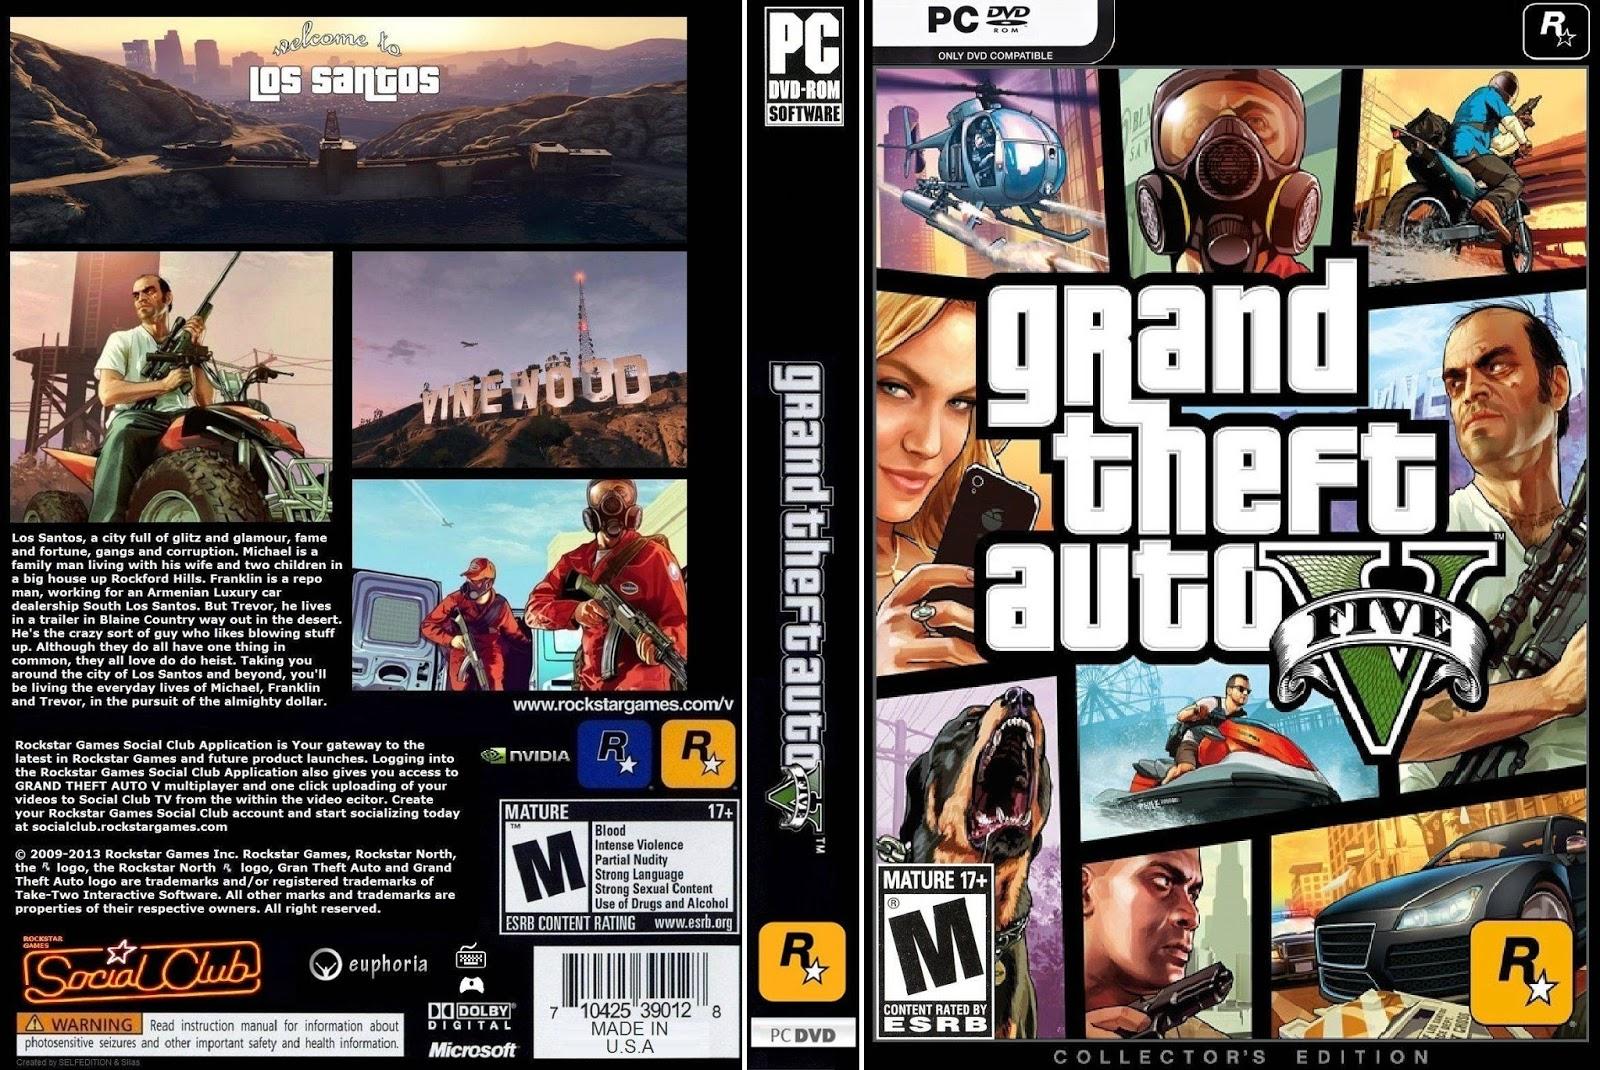 مدونة قن ة المخترع للمعلوميات تحميل وتثبيت لعبة Grand Theft Auto